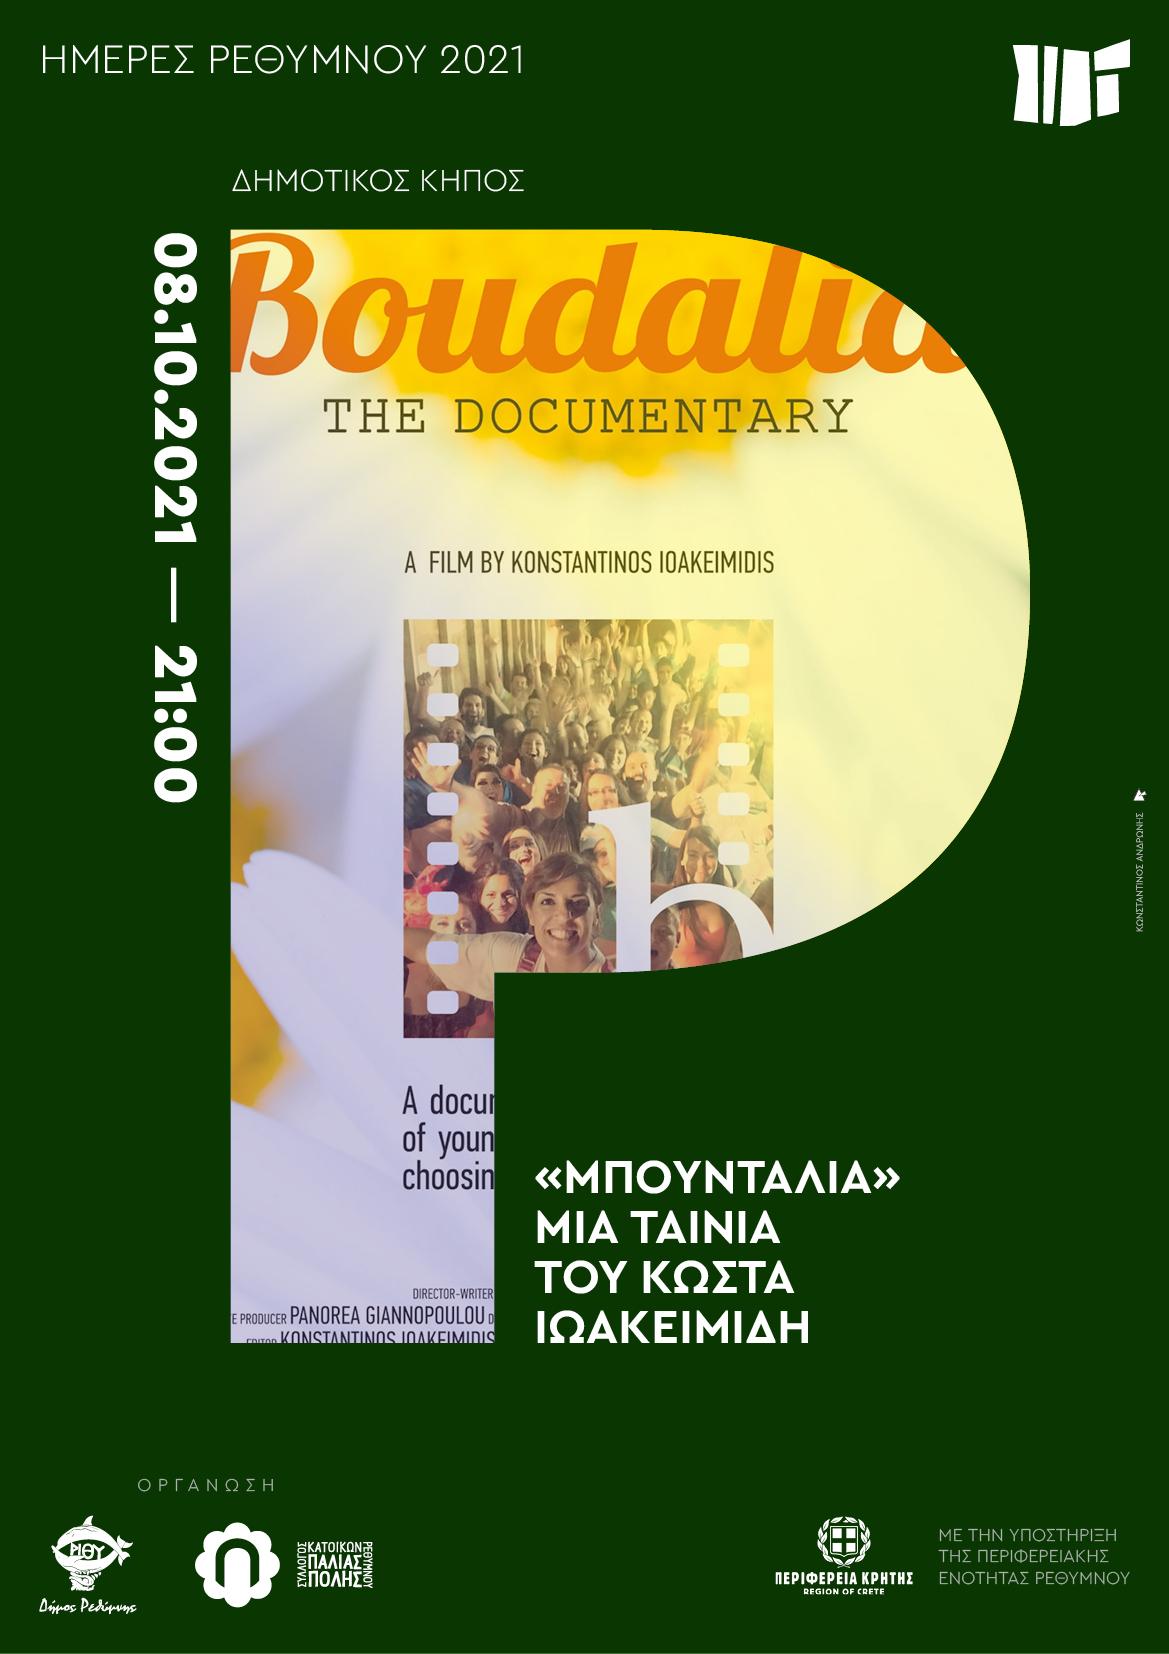 """""""Μπουντάλια"""" – μια ταινία του Κώστα  Ιωακειμίδη"""